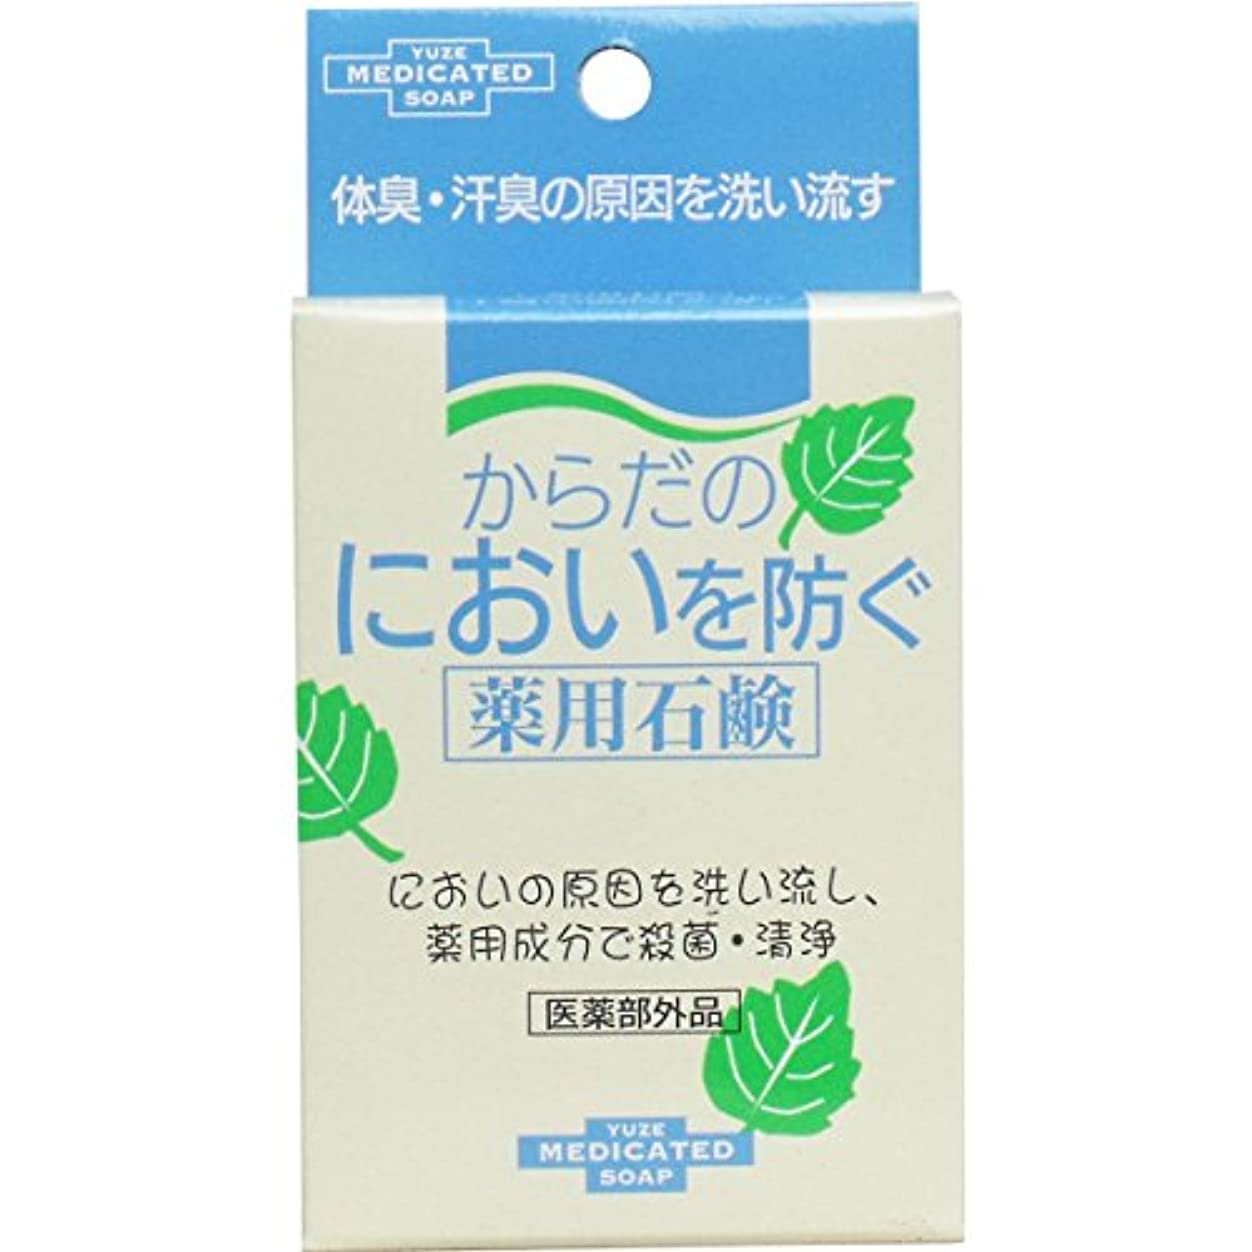 パッチわがまま抜け目がないユゼからだのにおいを防ぐ薬用石鹸 110g×6個セット